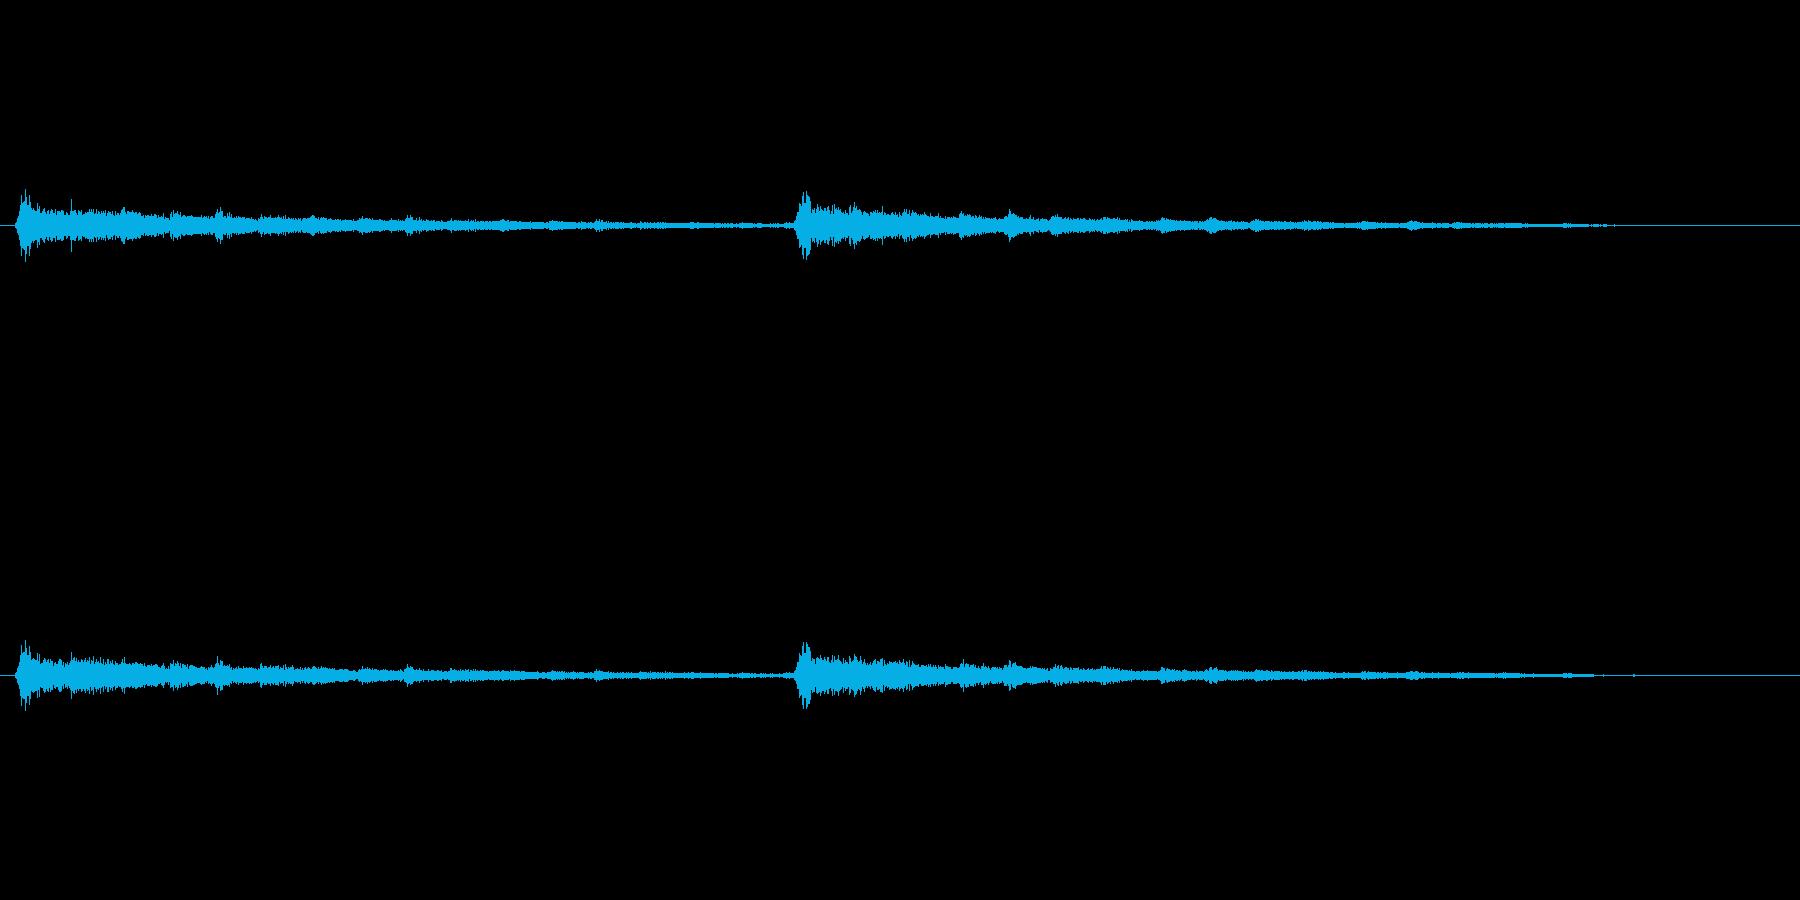 コント等の場面転換で使われそうなギターの再生済みの波形